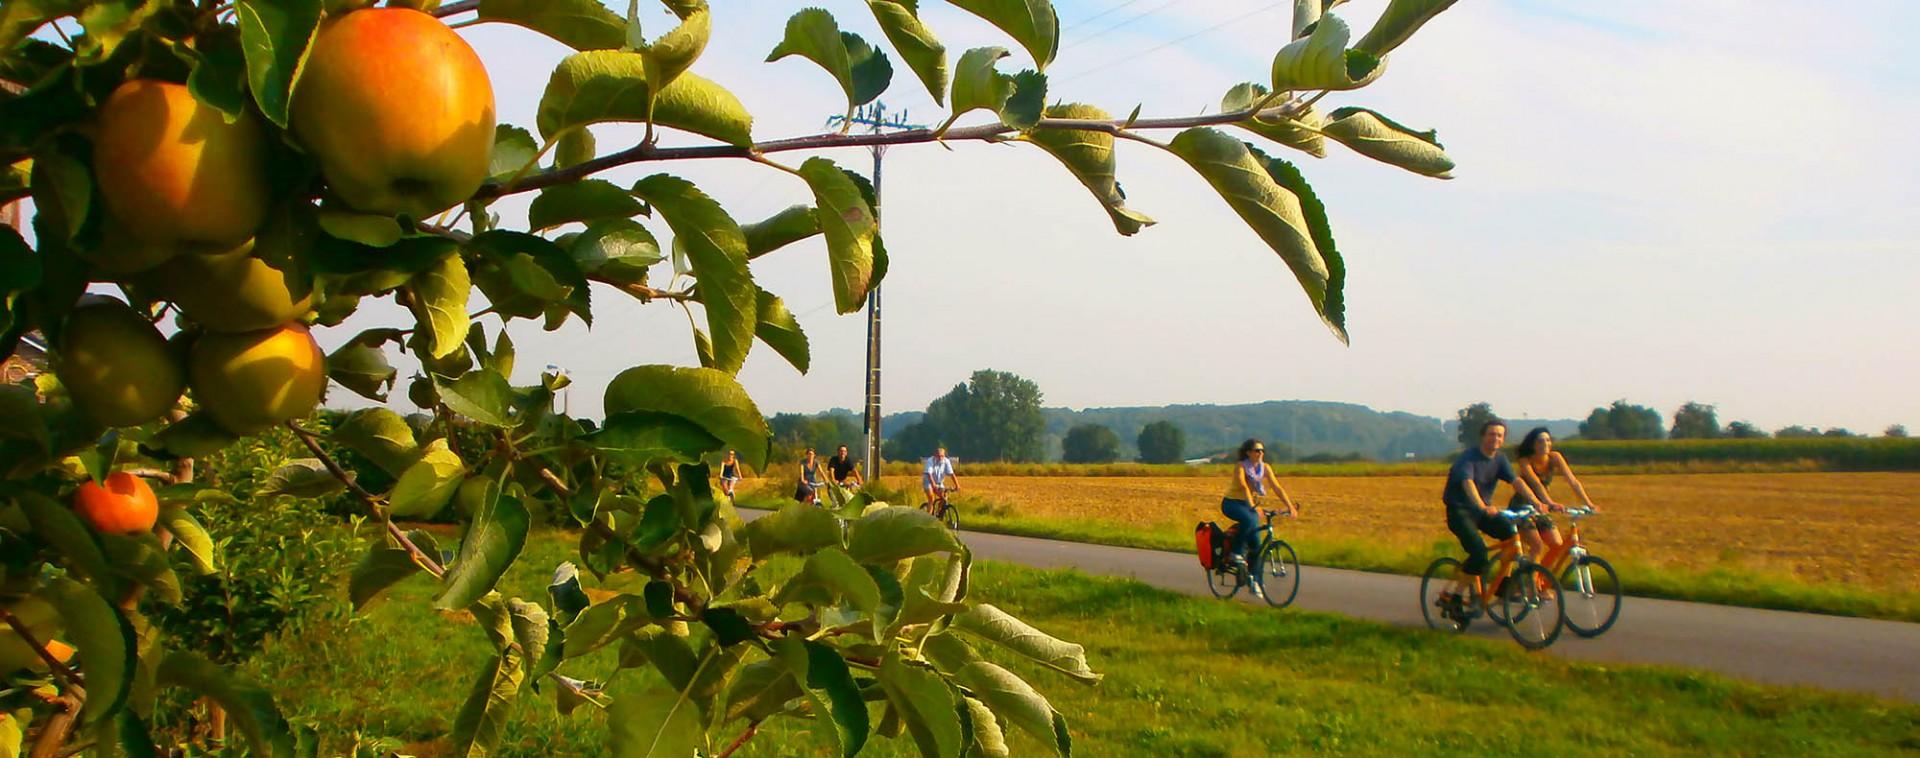 Land van Herve | © Maison du Tourisme du Pays de Herve